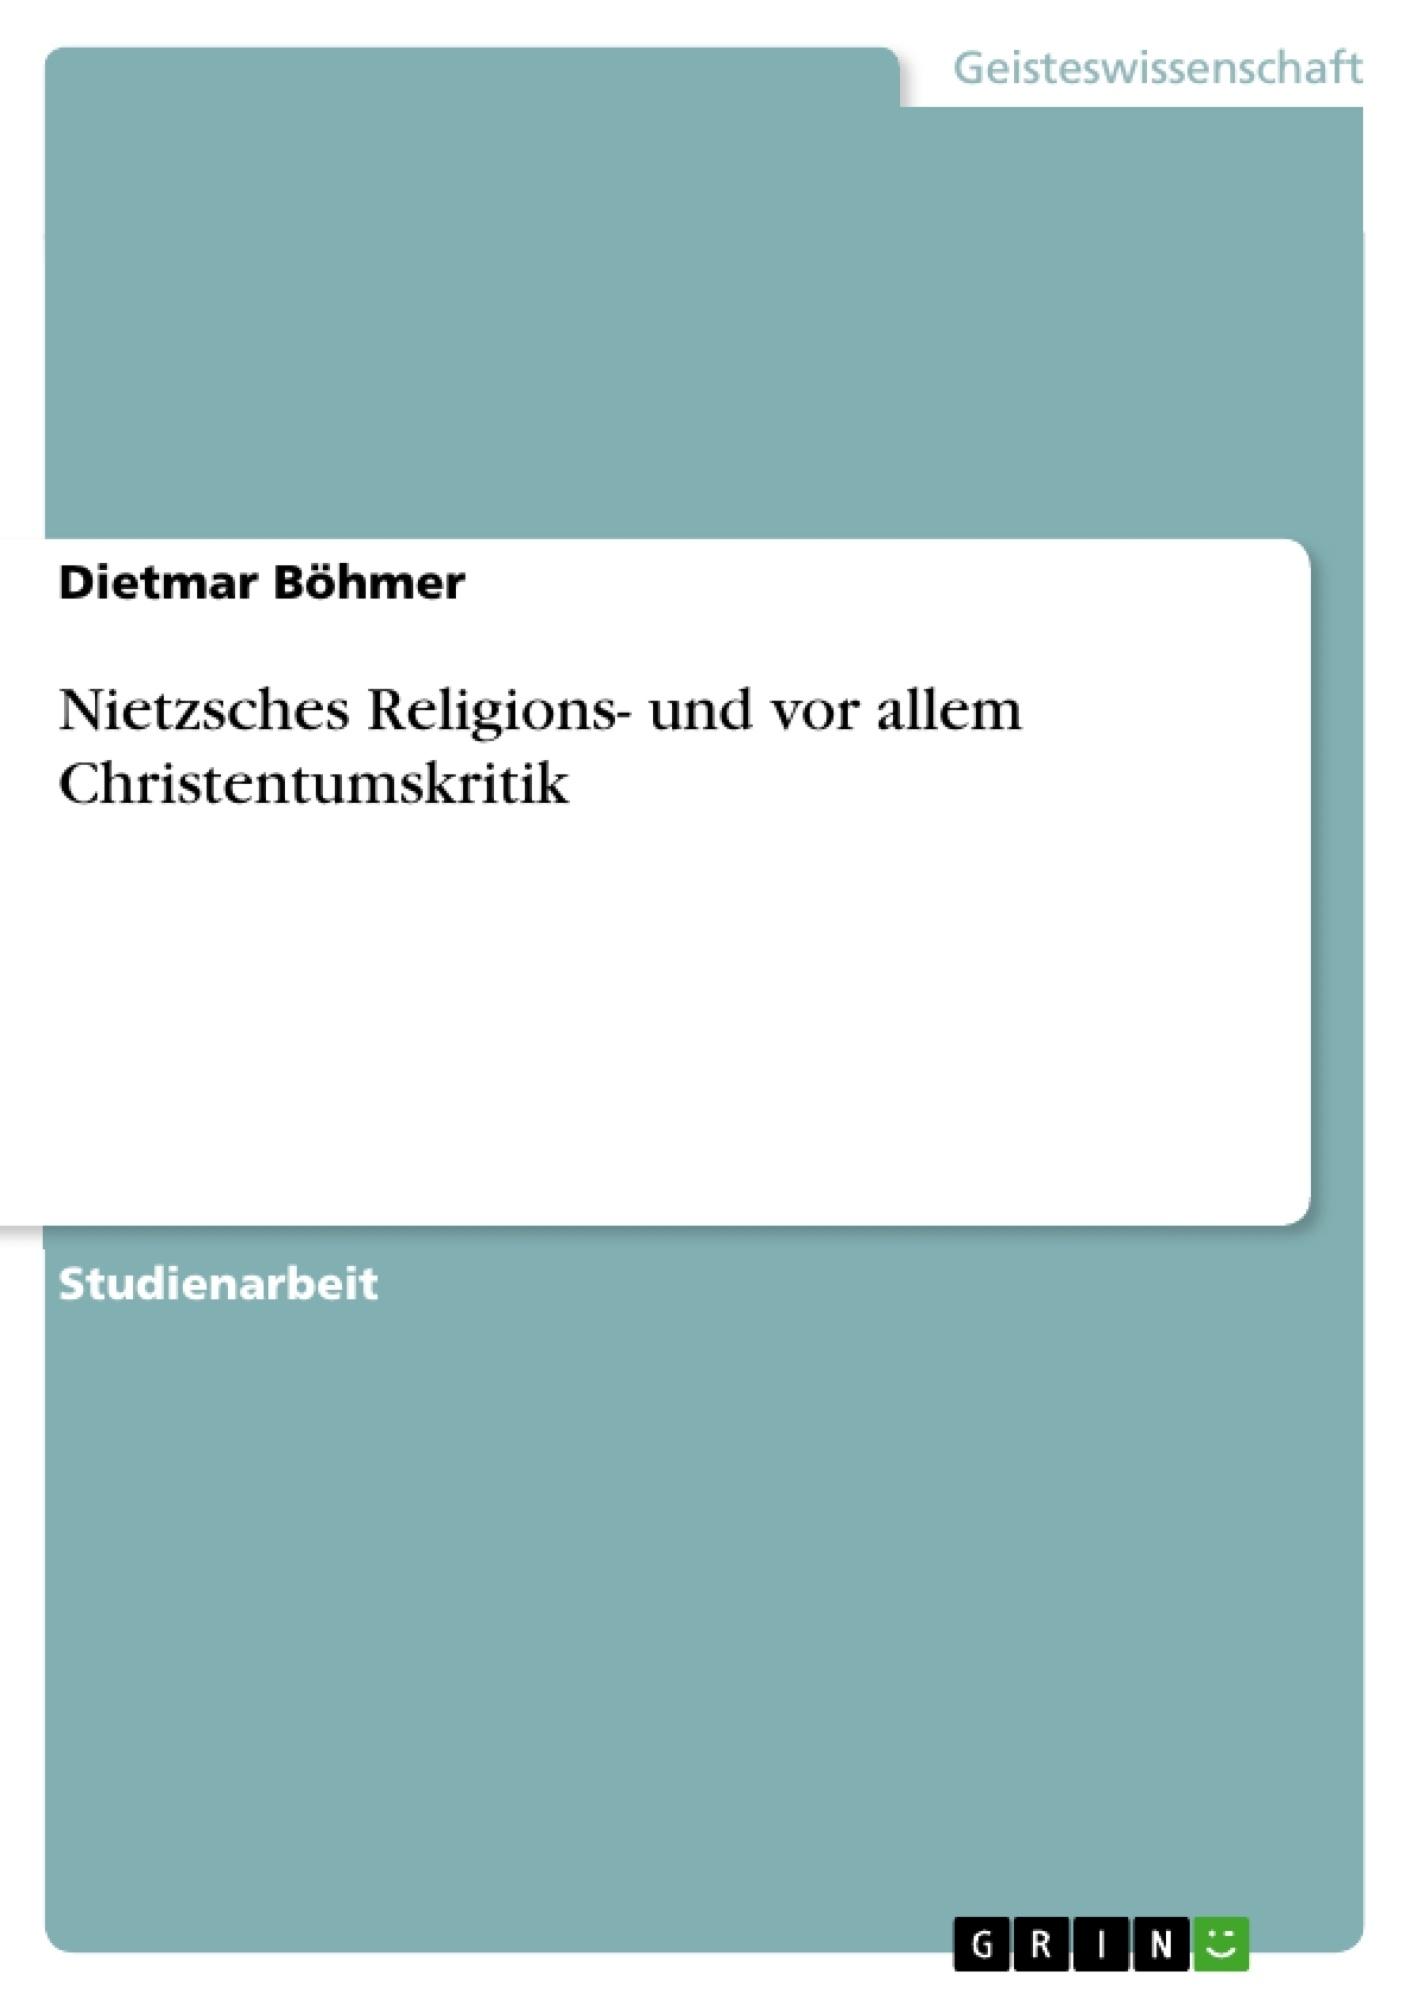 Titel: Nietzsches Religions- und vor allem Christentumskritik